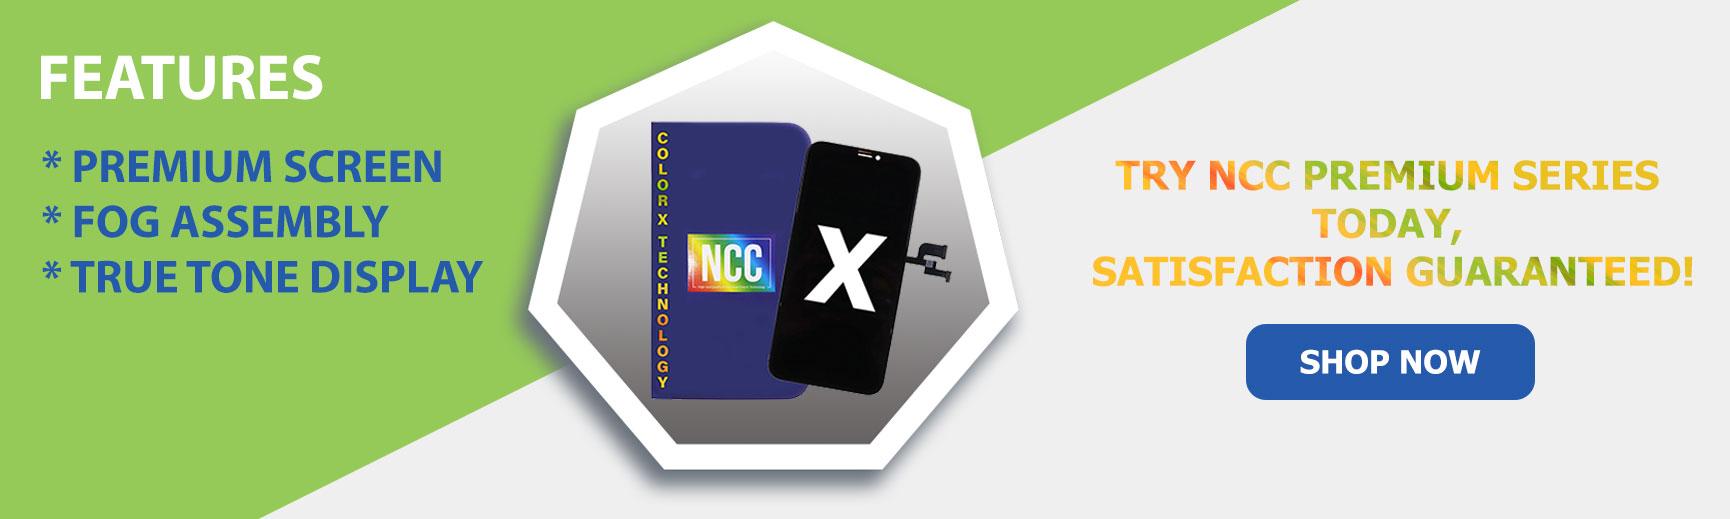 NCC Premium Screens